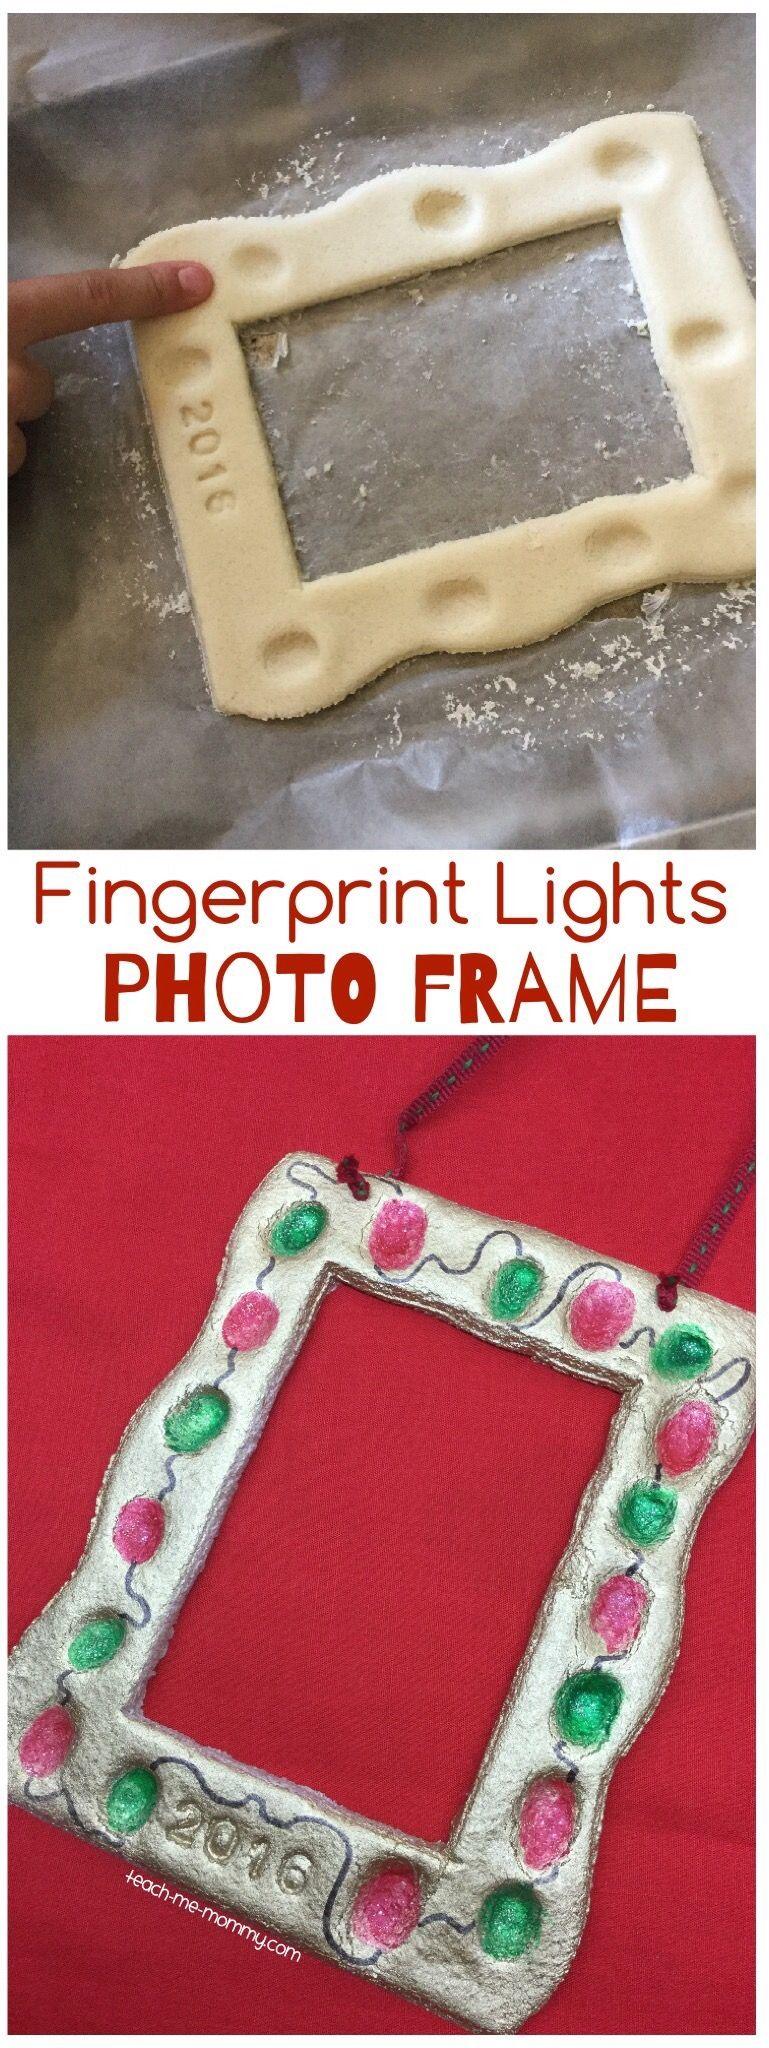 Fingerprint Lights Photo Frame | Pinterest | Salzteig, Weihnachten ...